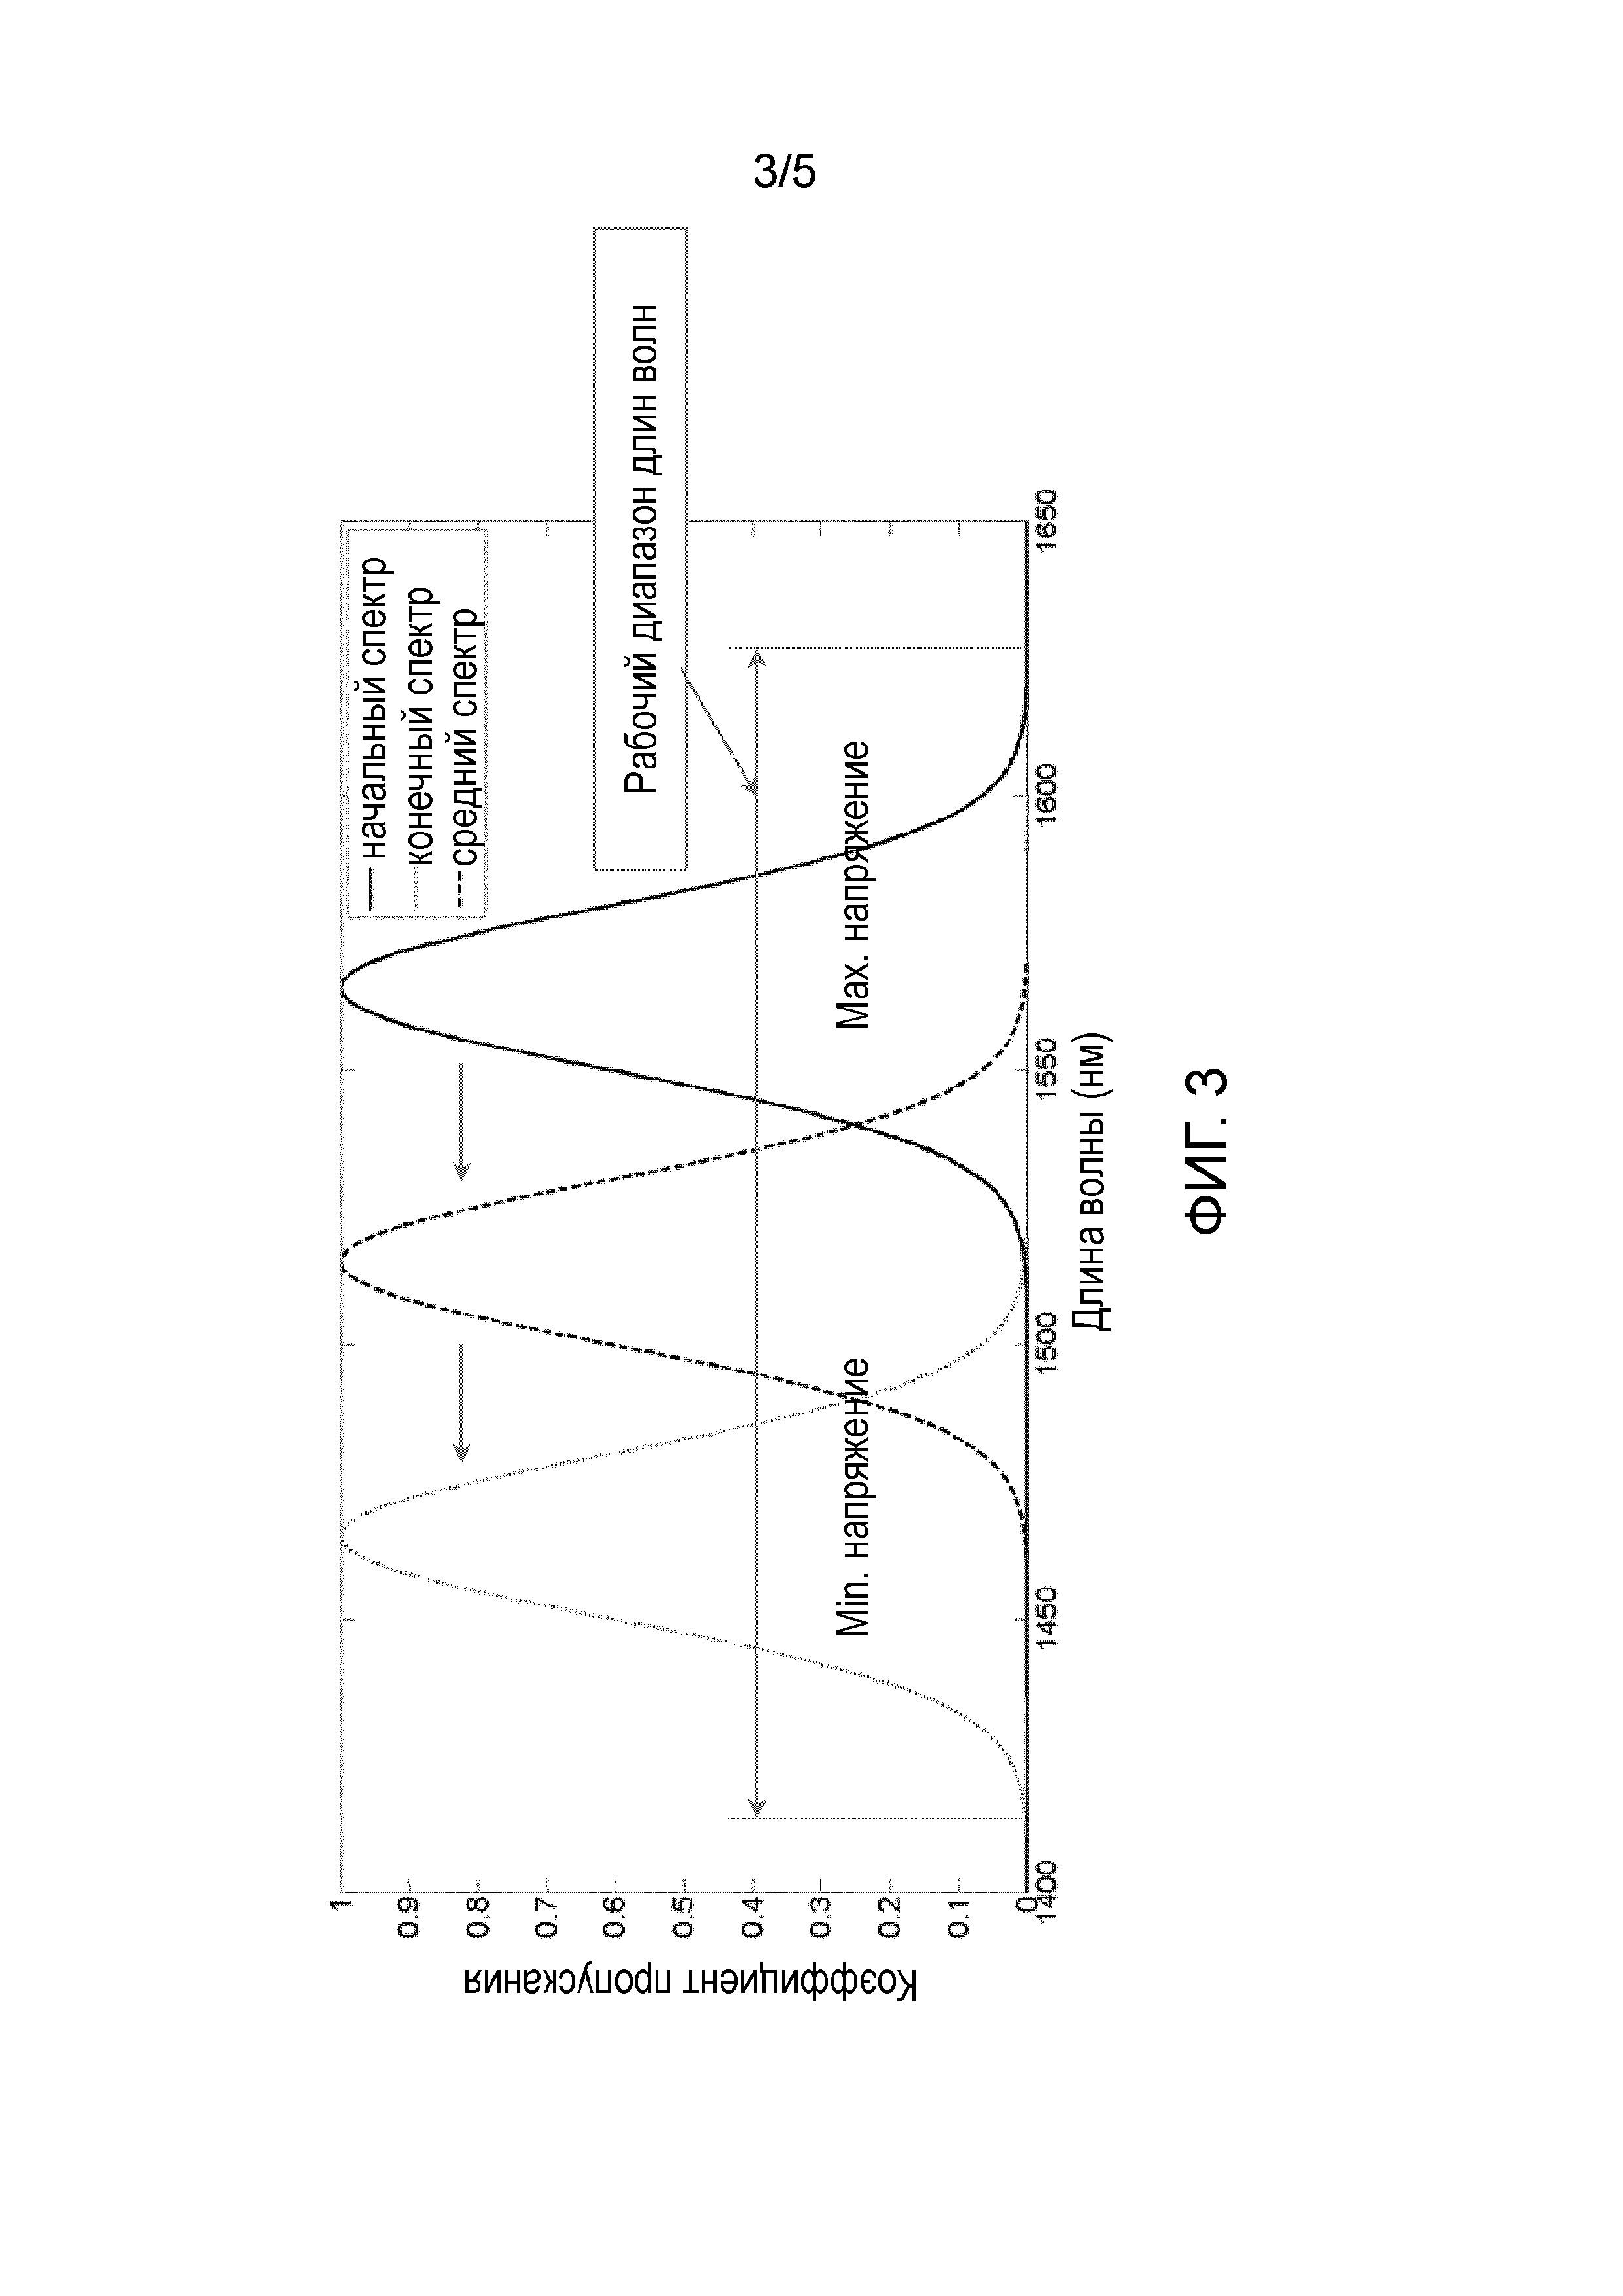 Перестраиваемый оптический фильтр, основанный на жидкокристаллической ячейке